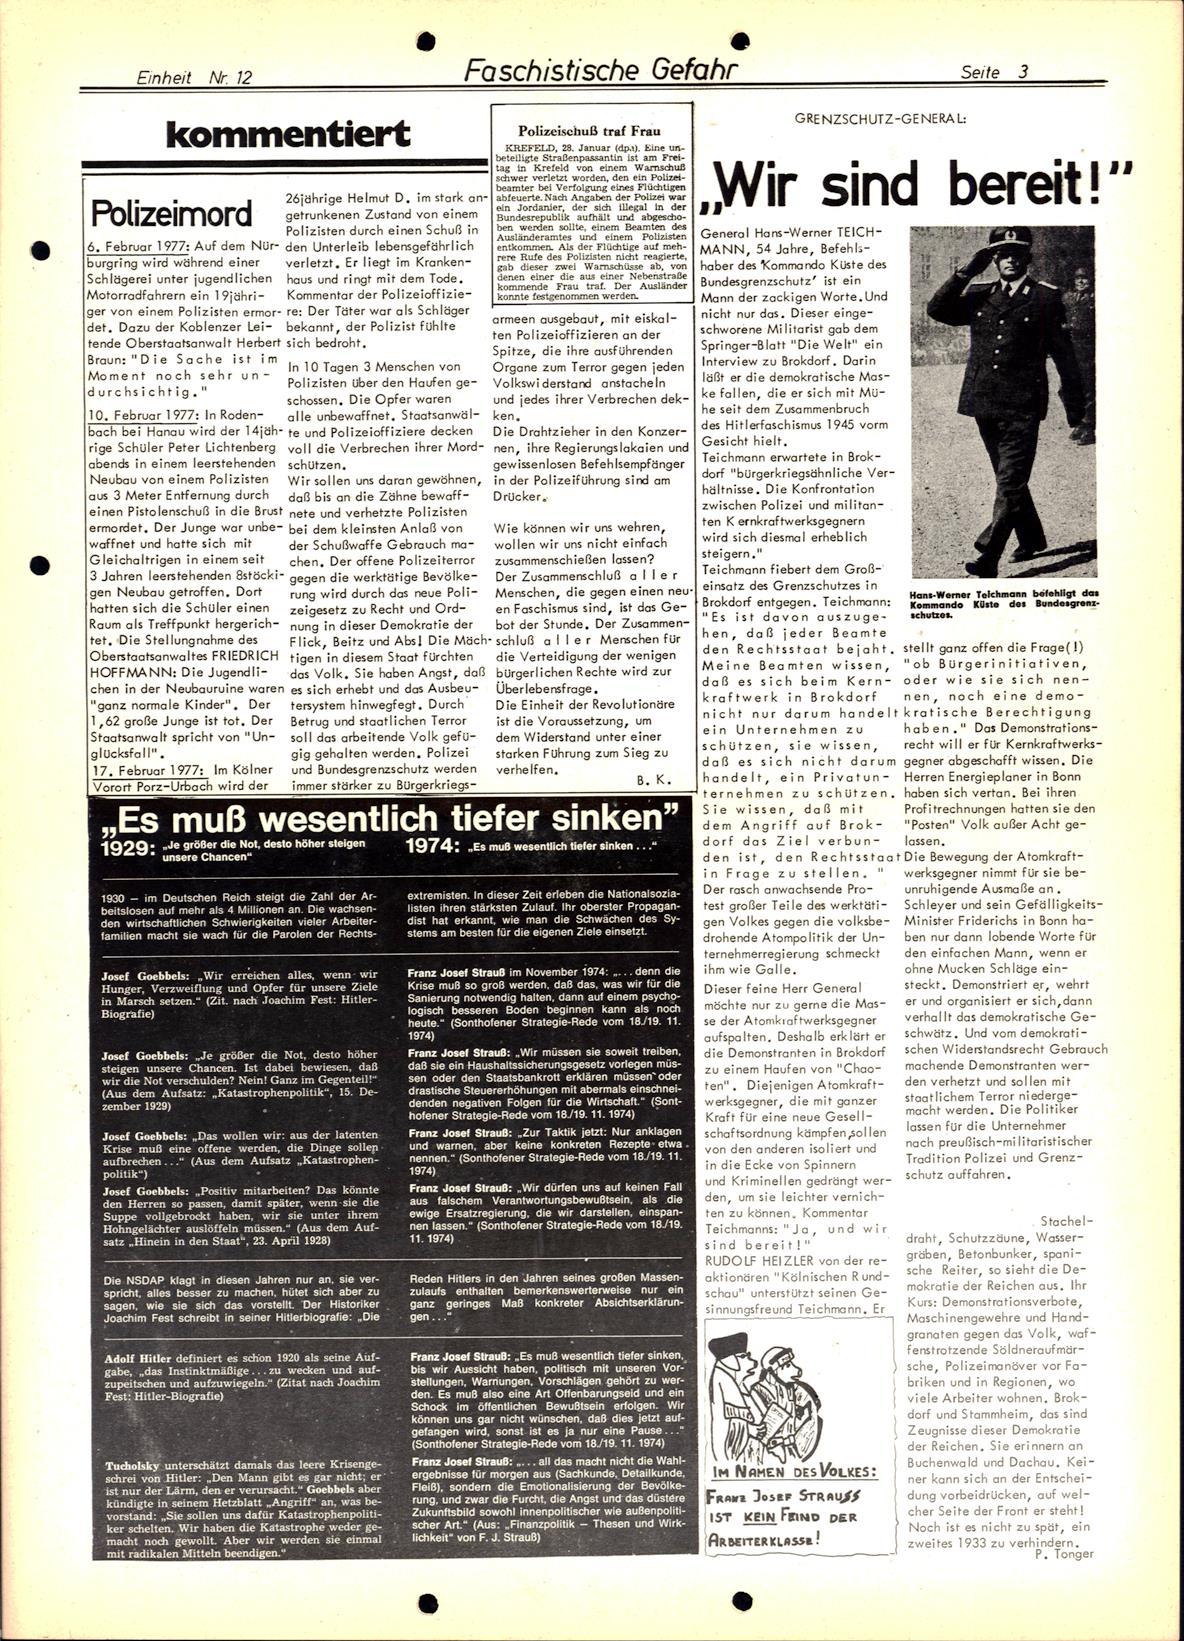 Koeln_IPdA_Einheit_1977_012_003